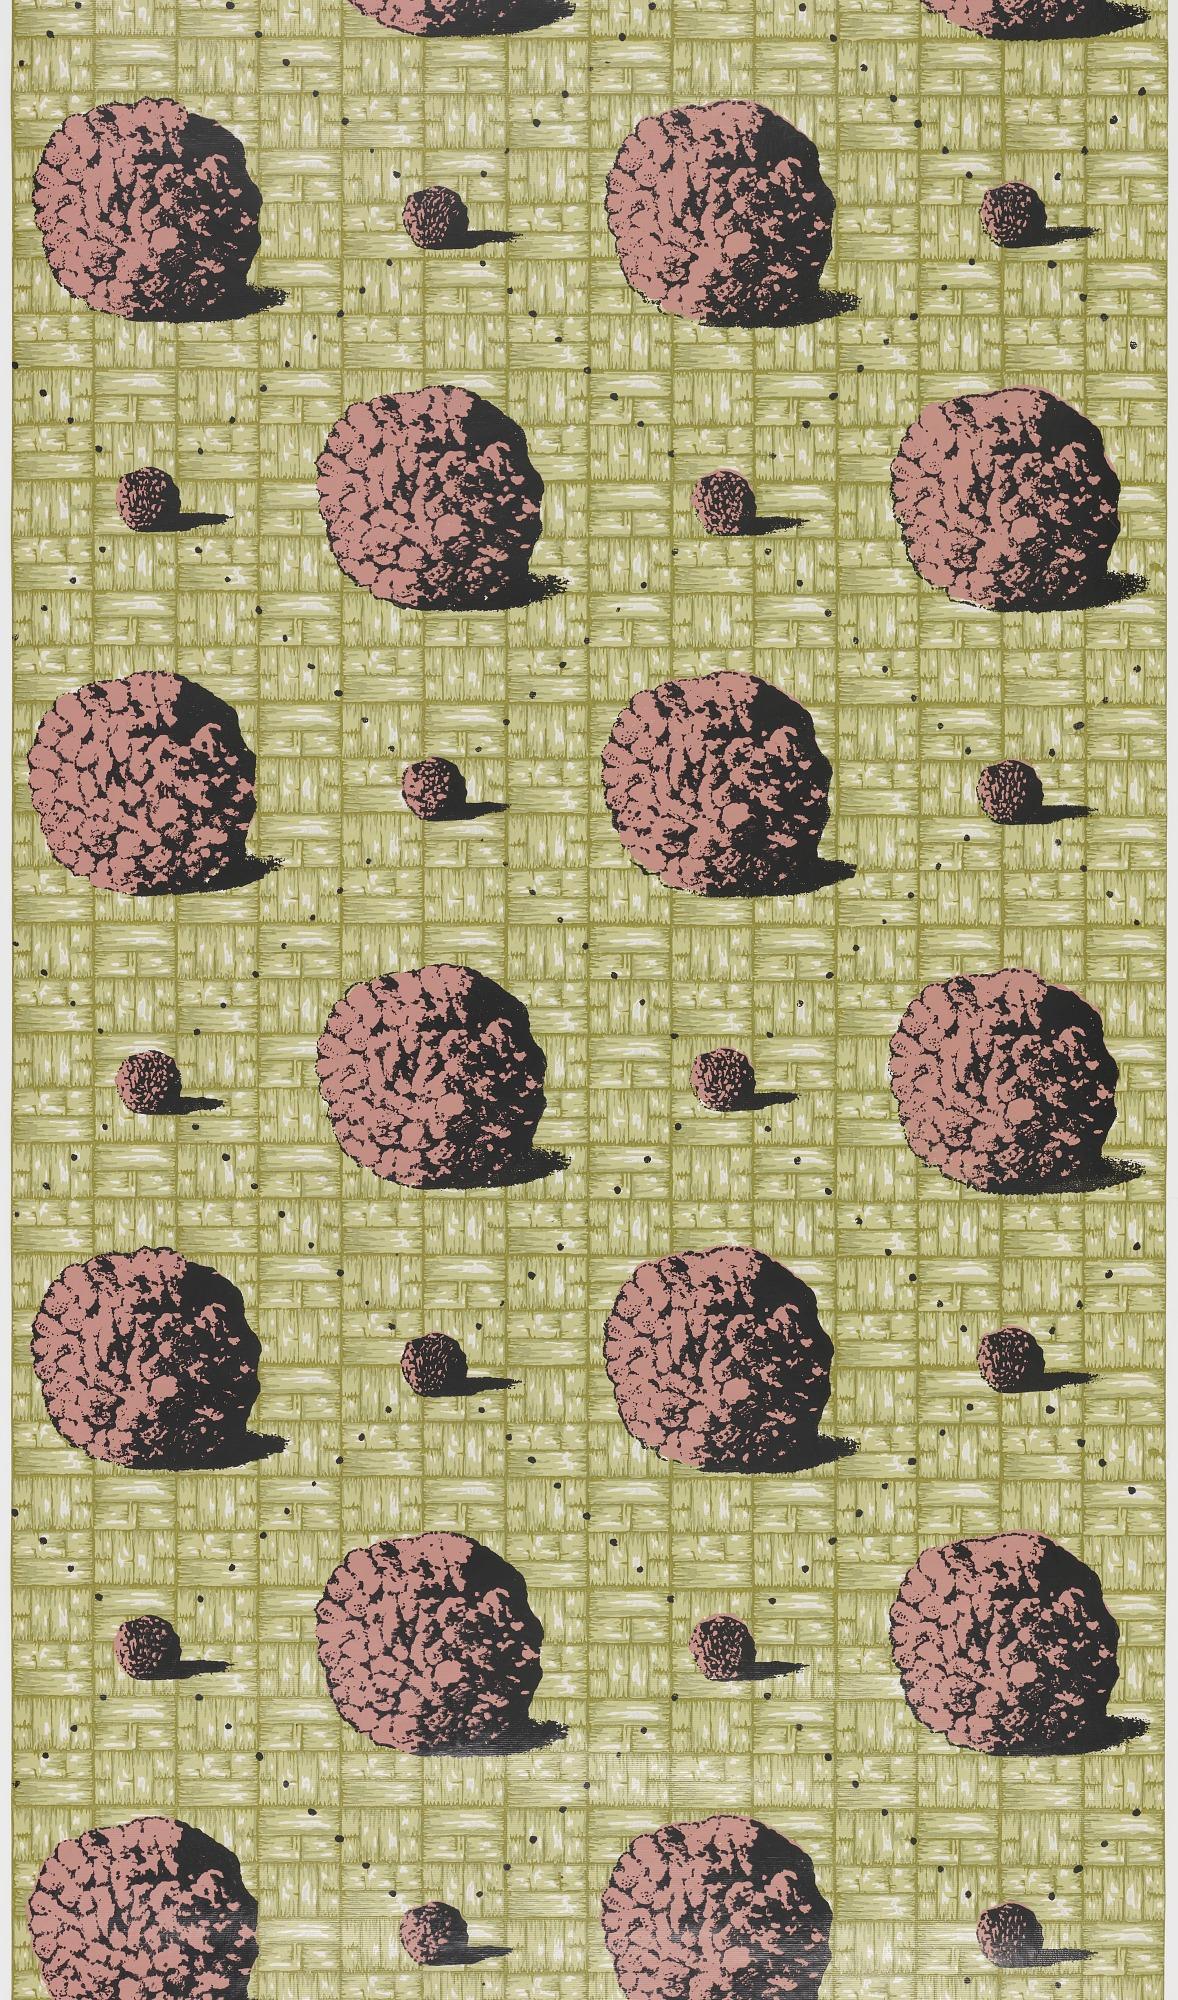 Meatballs on Green Weave